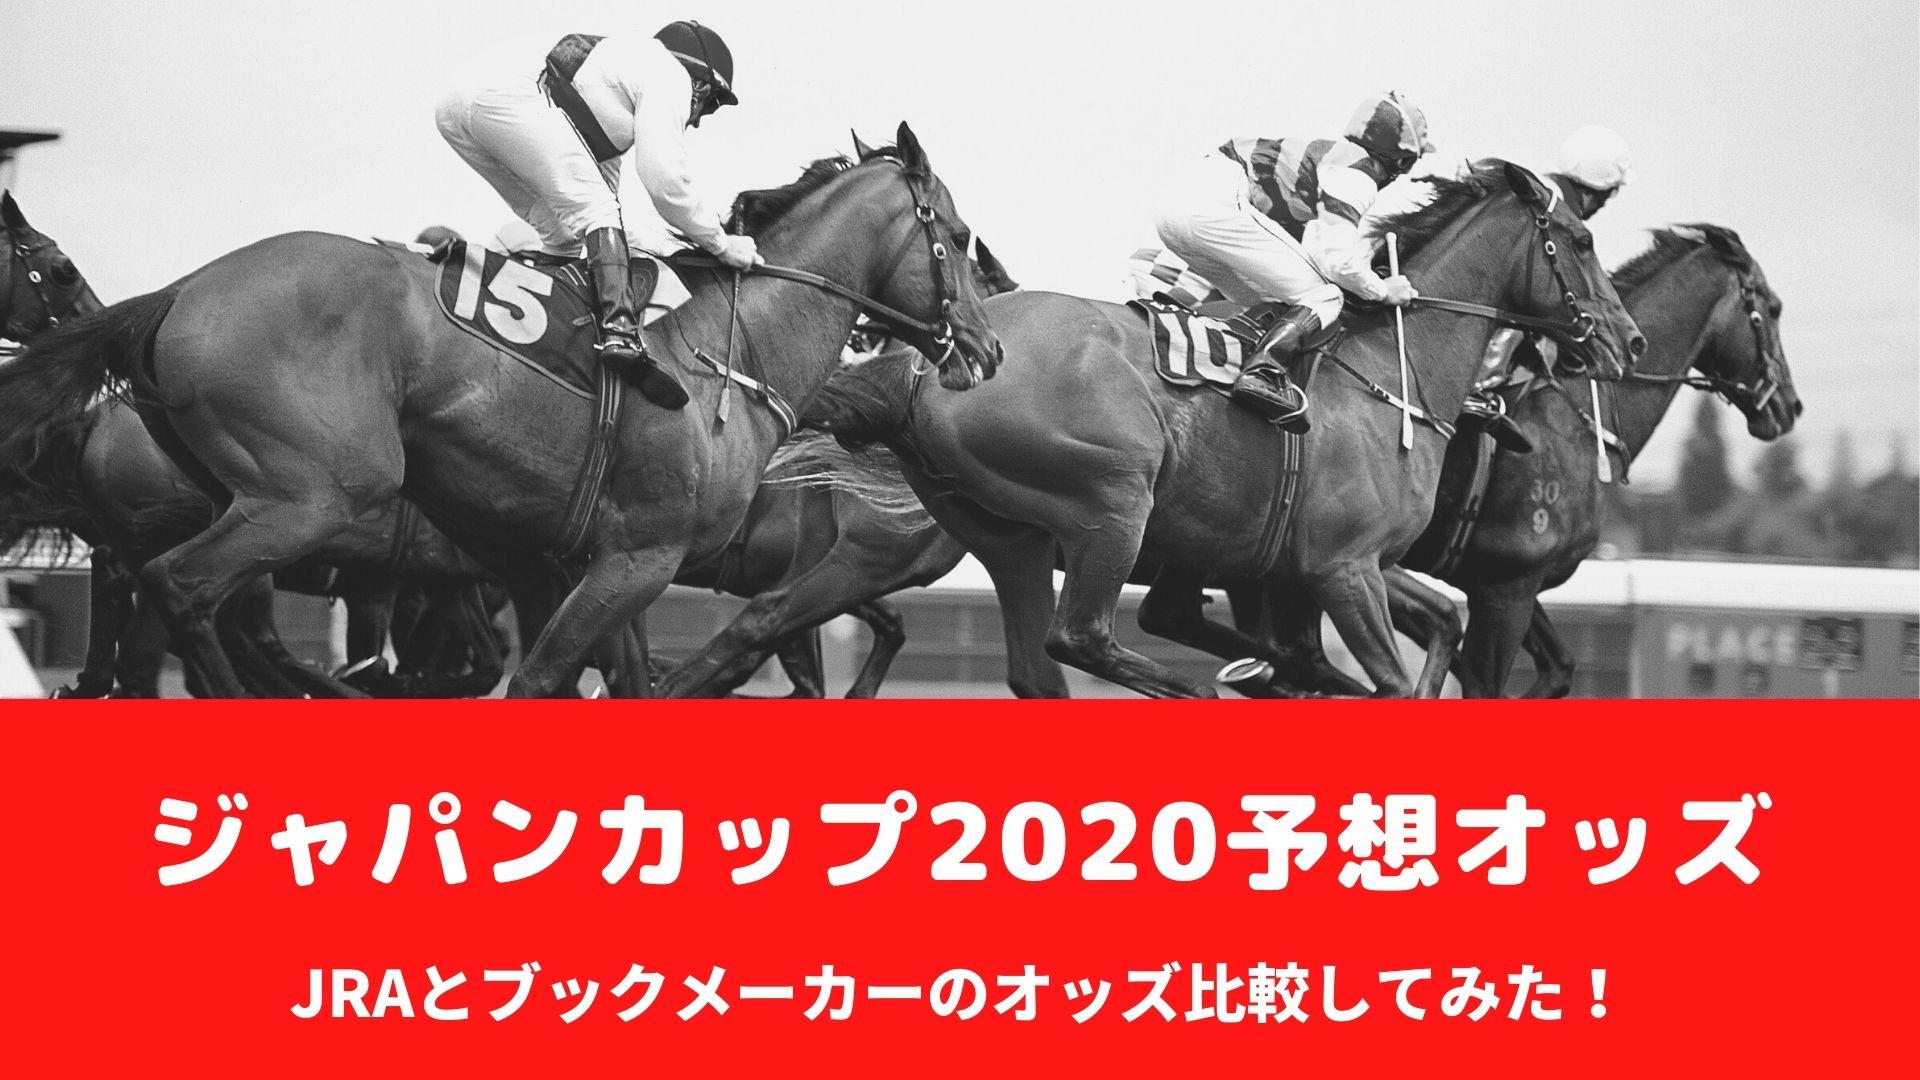 ジャパンカップ2020のJRAとブックメーカーのオッズ比較